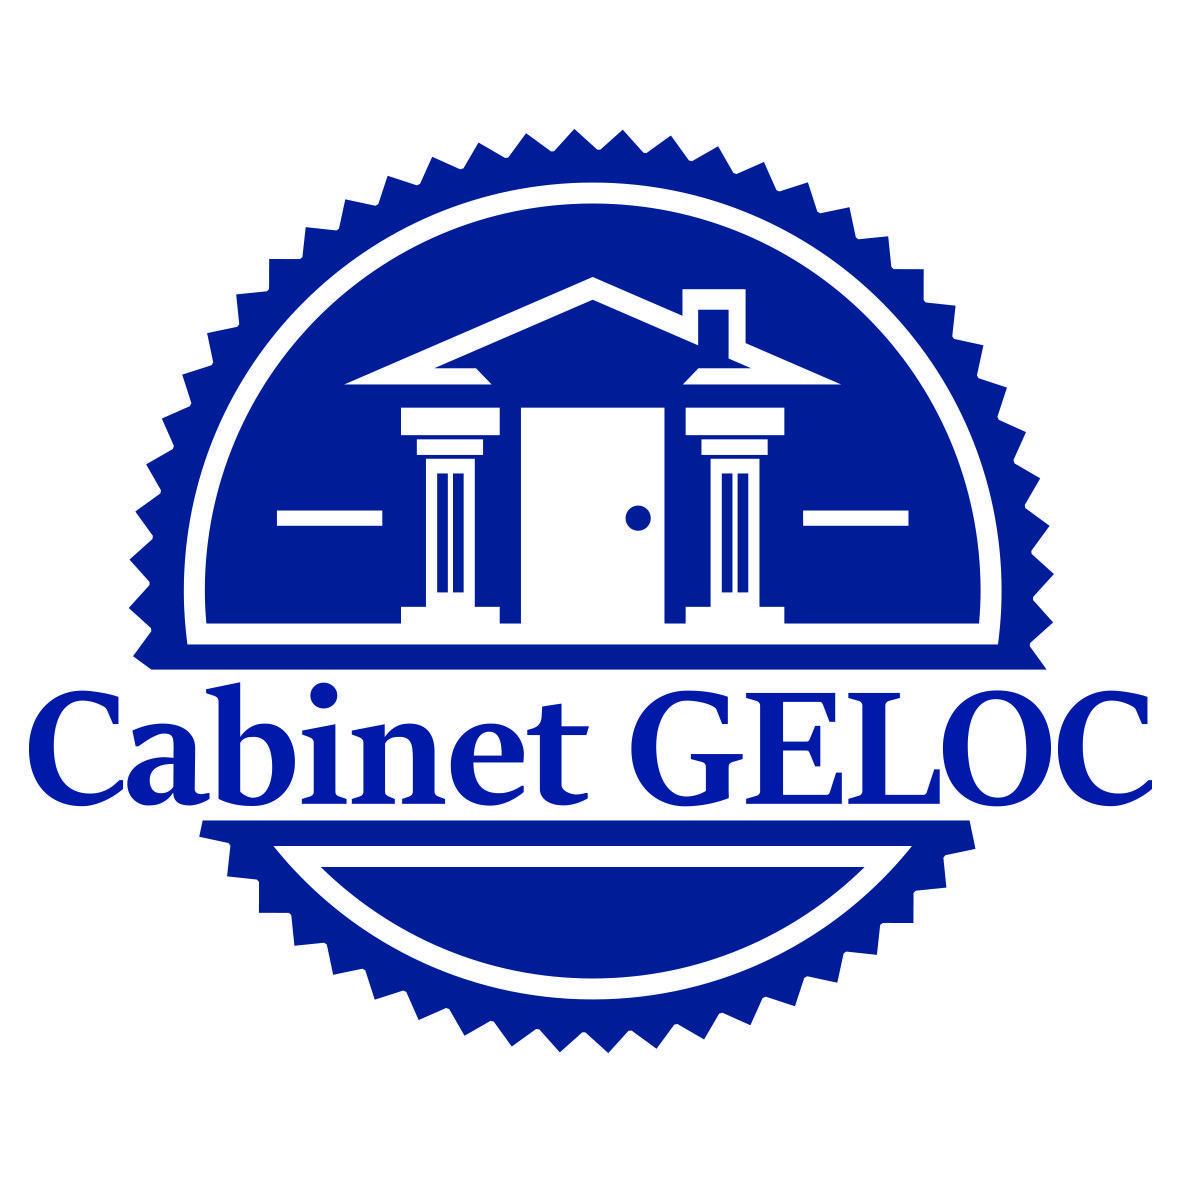 CABINET GELOC agence immobilière Plaisir (78370)